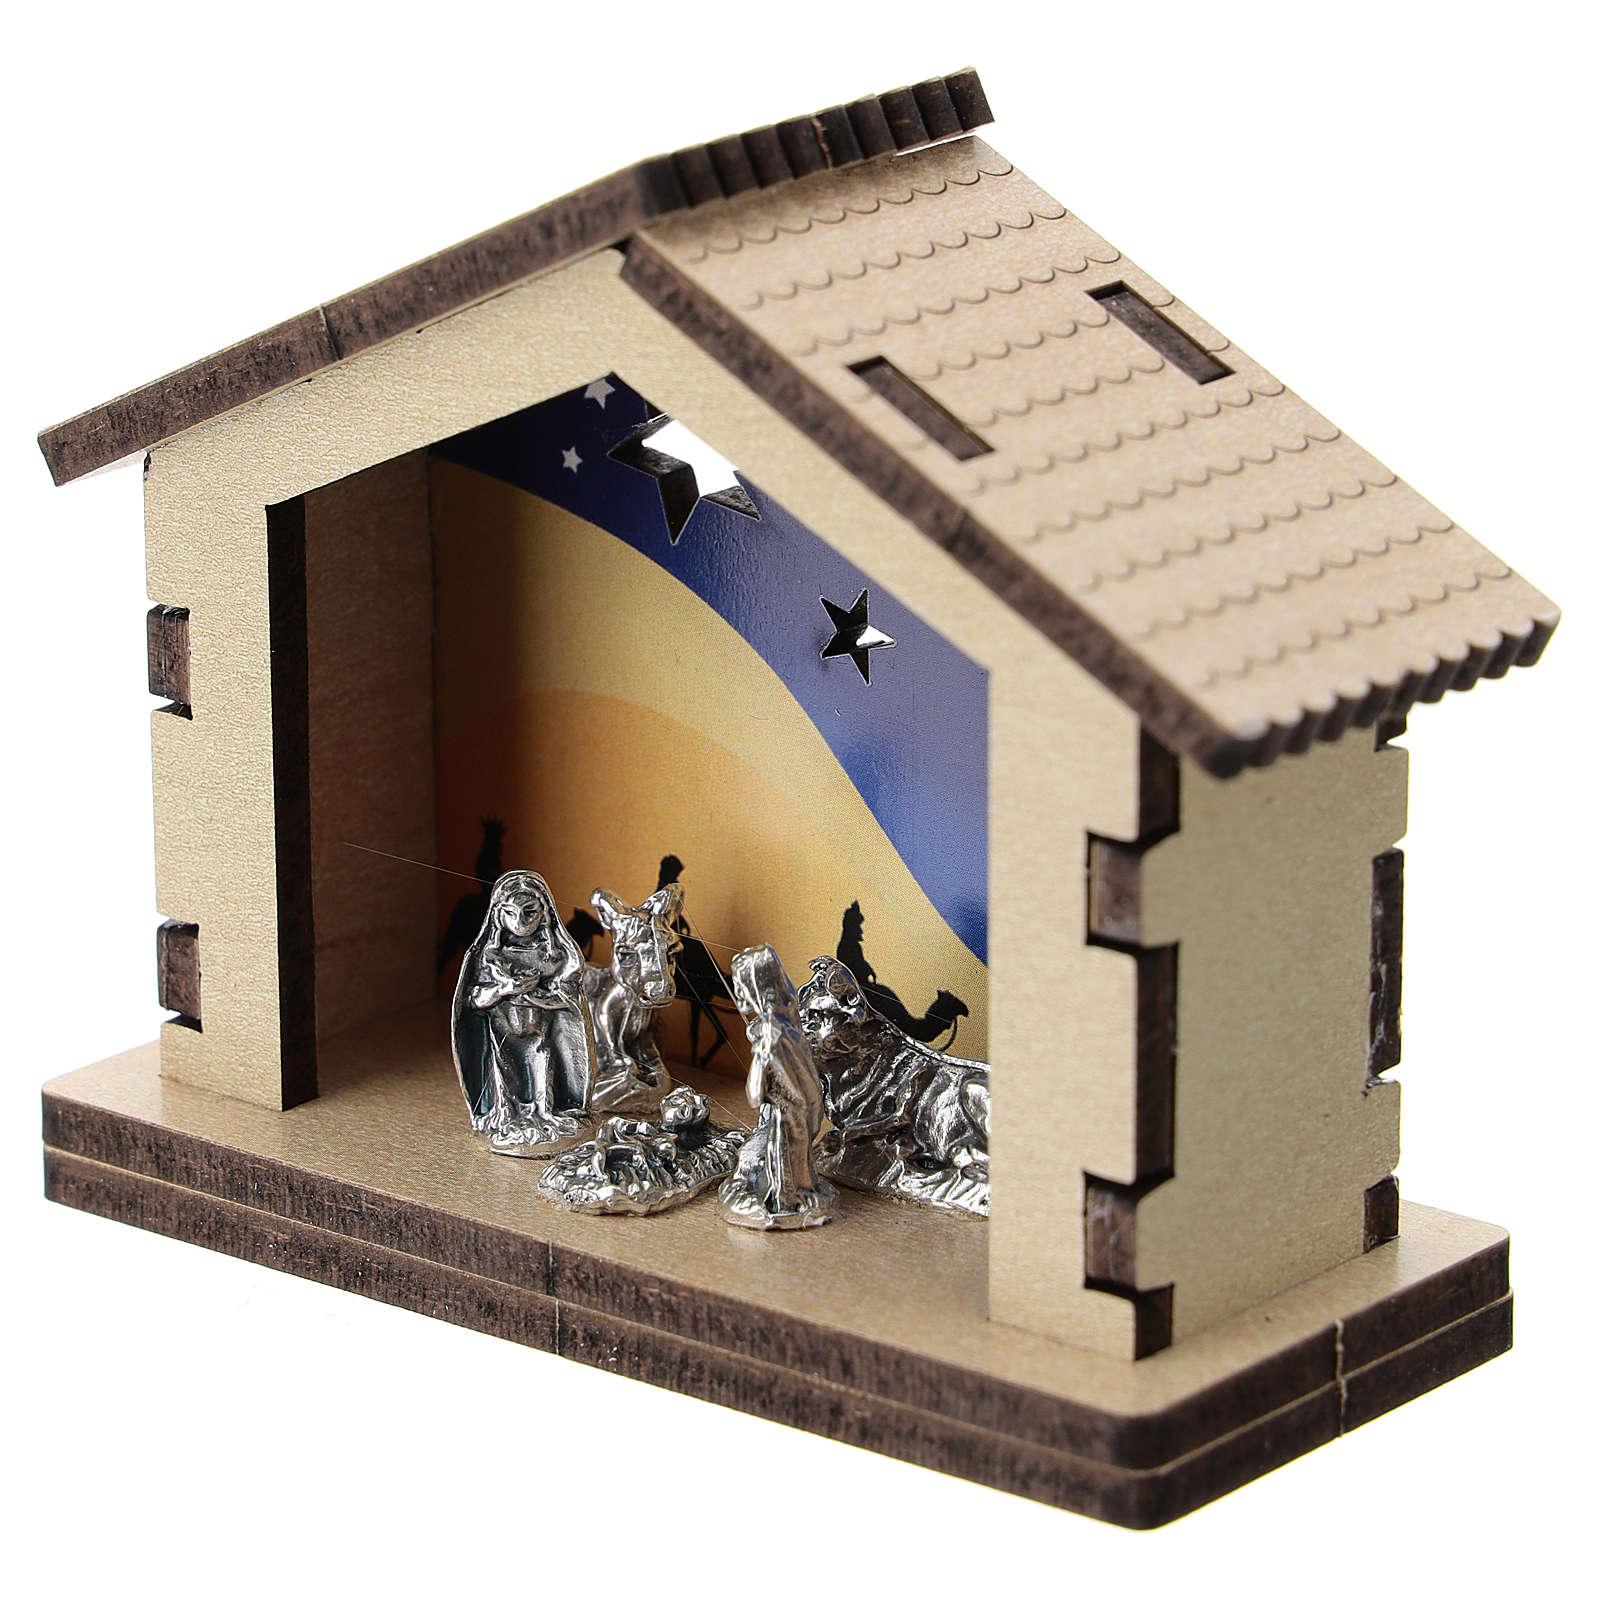 Cabaña madera fondo desierto nocturno Natividad metal 5 cm 3